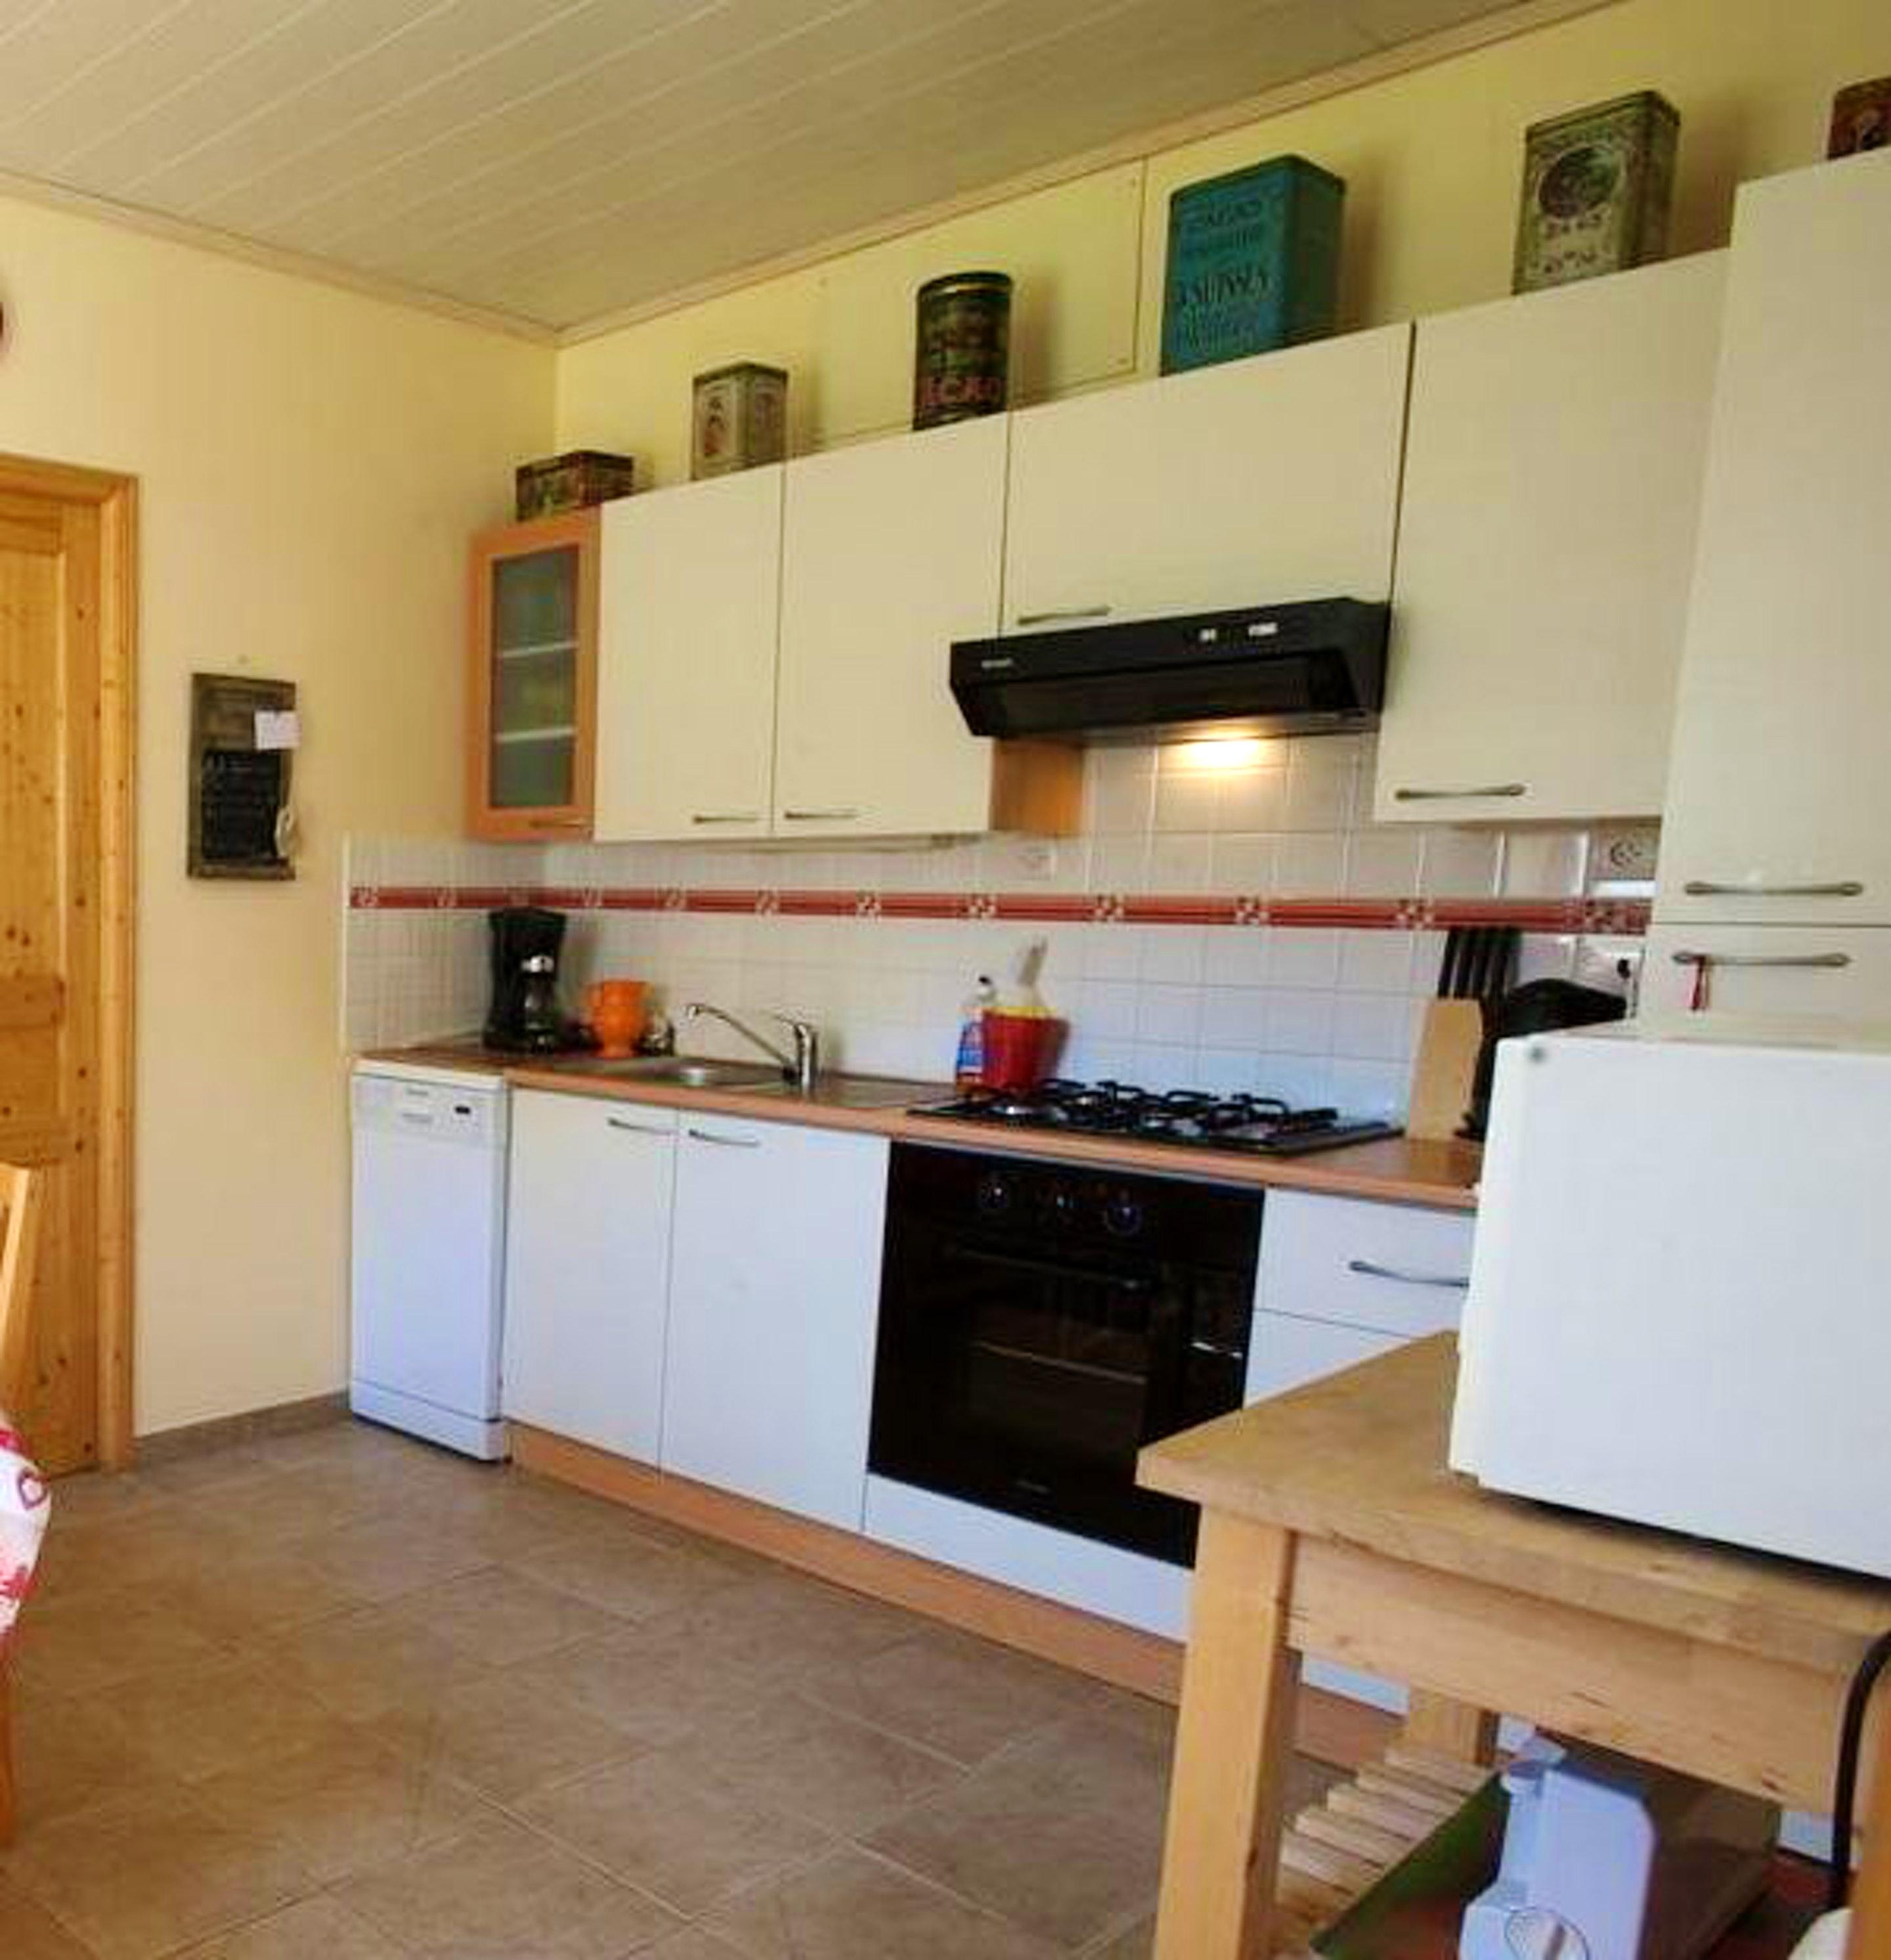 Maison de vacances Haus mit 2 Schlafzimmern in Villard-Saint-Sauveur mit toller Aussicht auf die Berge und ei (2704040), Villard sur Bienne, Jura, Franche-Comté, France, image 6